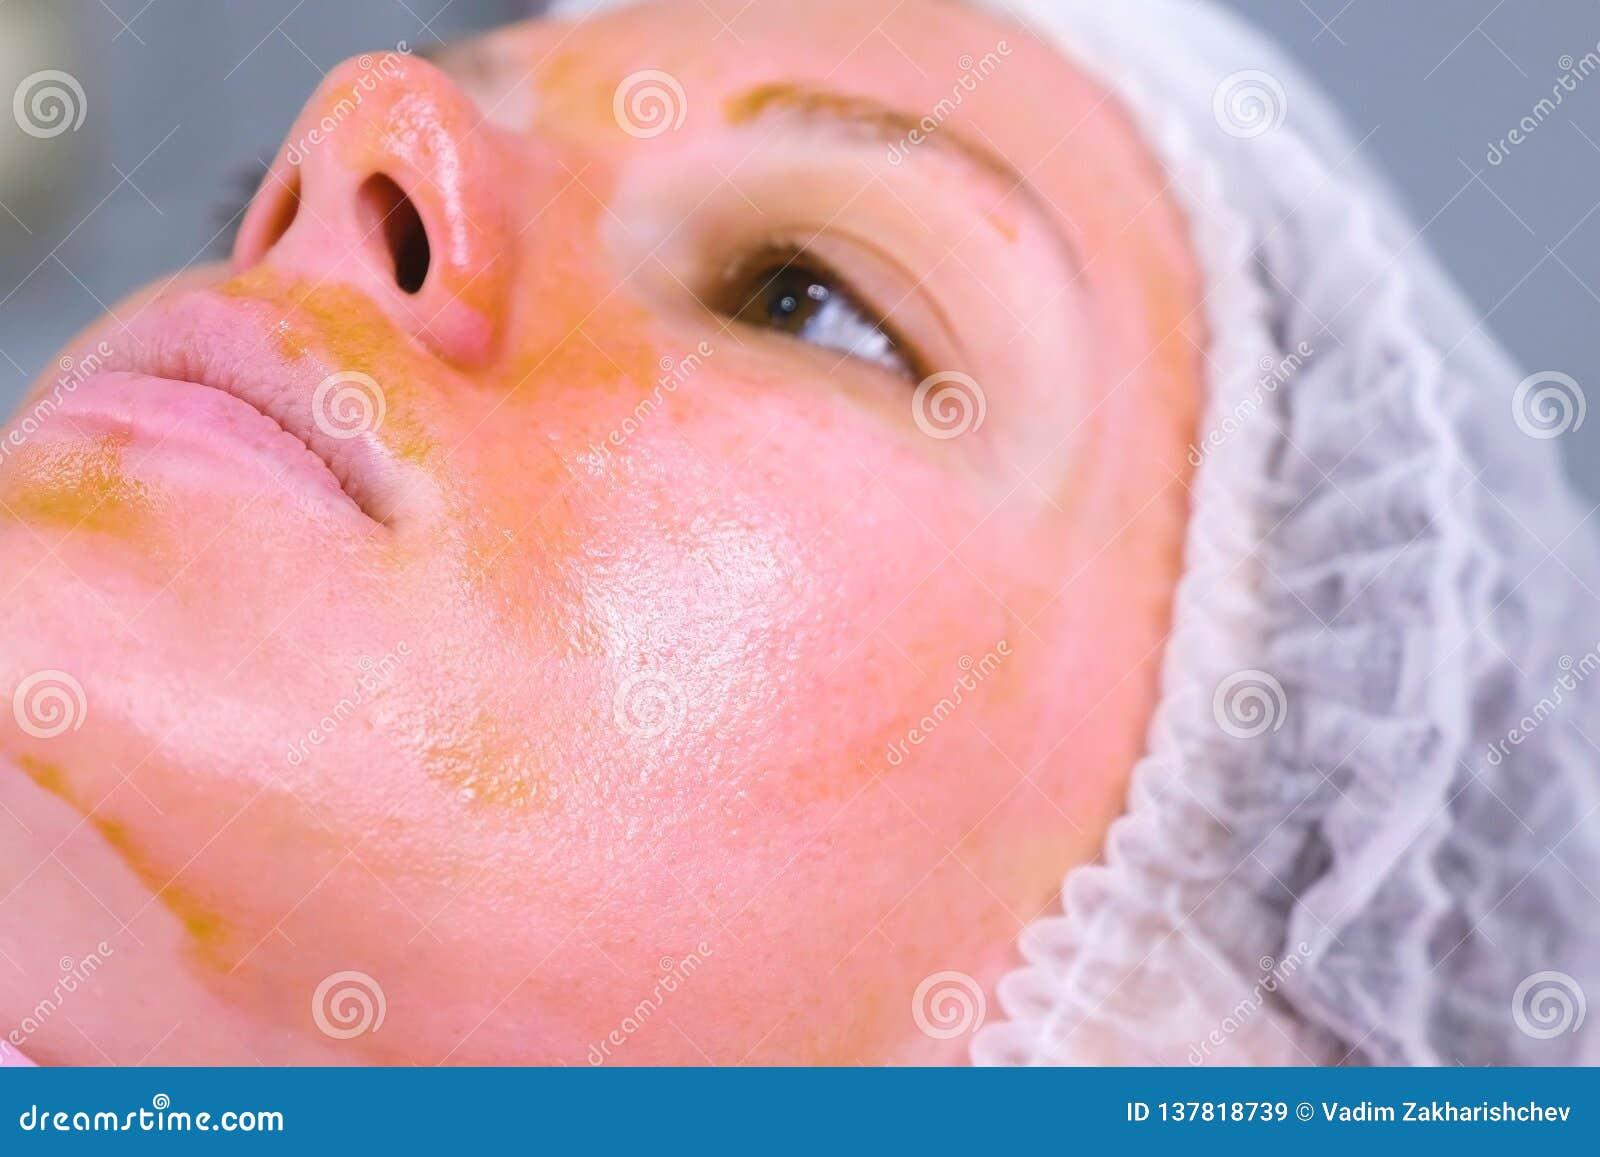 Kemisk skalningsnolla kvinnans framsida Göra ren framsidahuden och göra ljusare fräknehud den täta dekorativa framsidan låter var